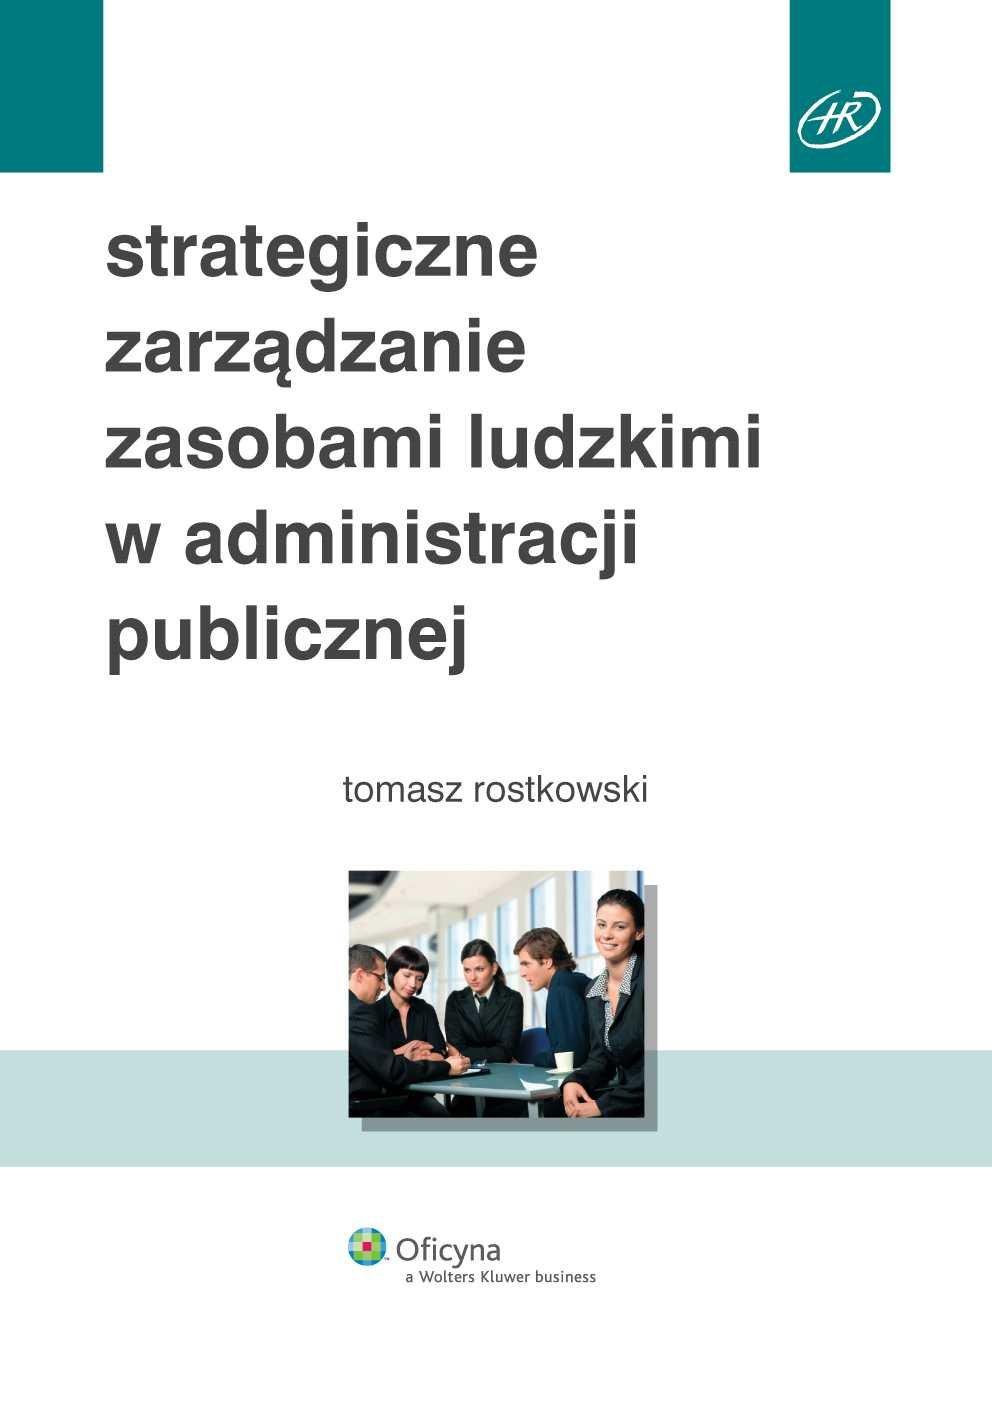 Strategiczne zarządzanie zasobami ludzkimi w administracji publicznej - Ebook (Książka PDF) do pobrania w formacie PDF